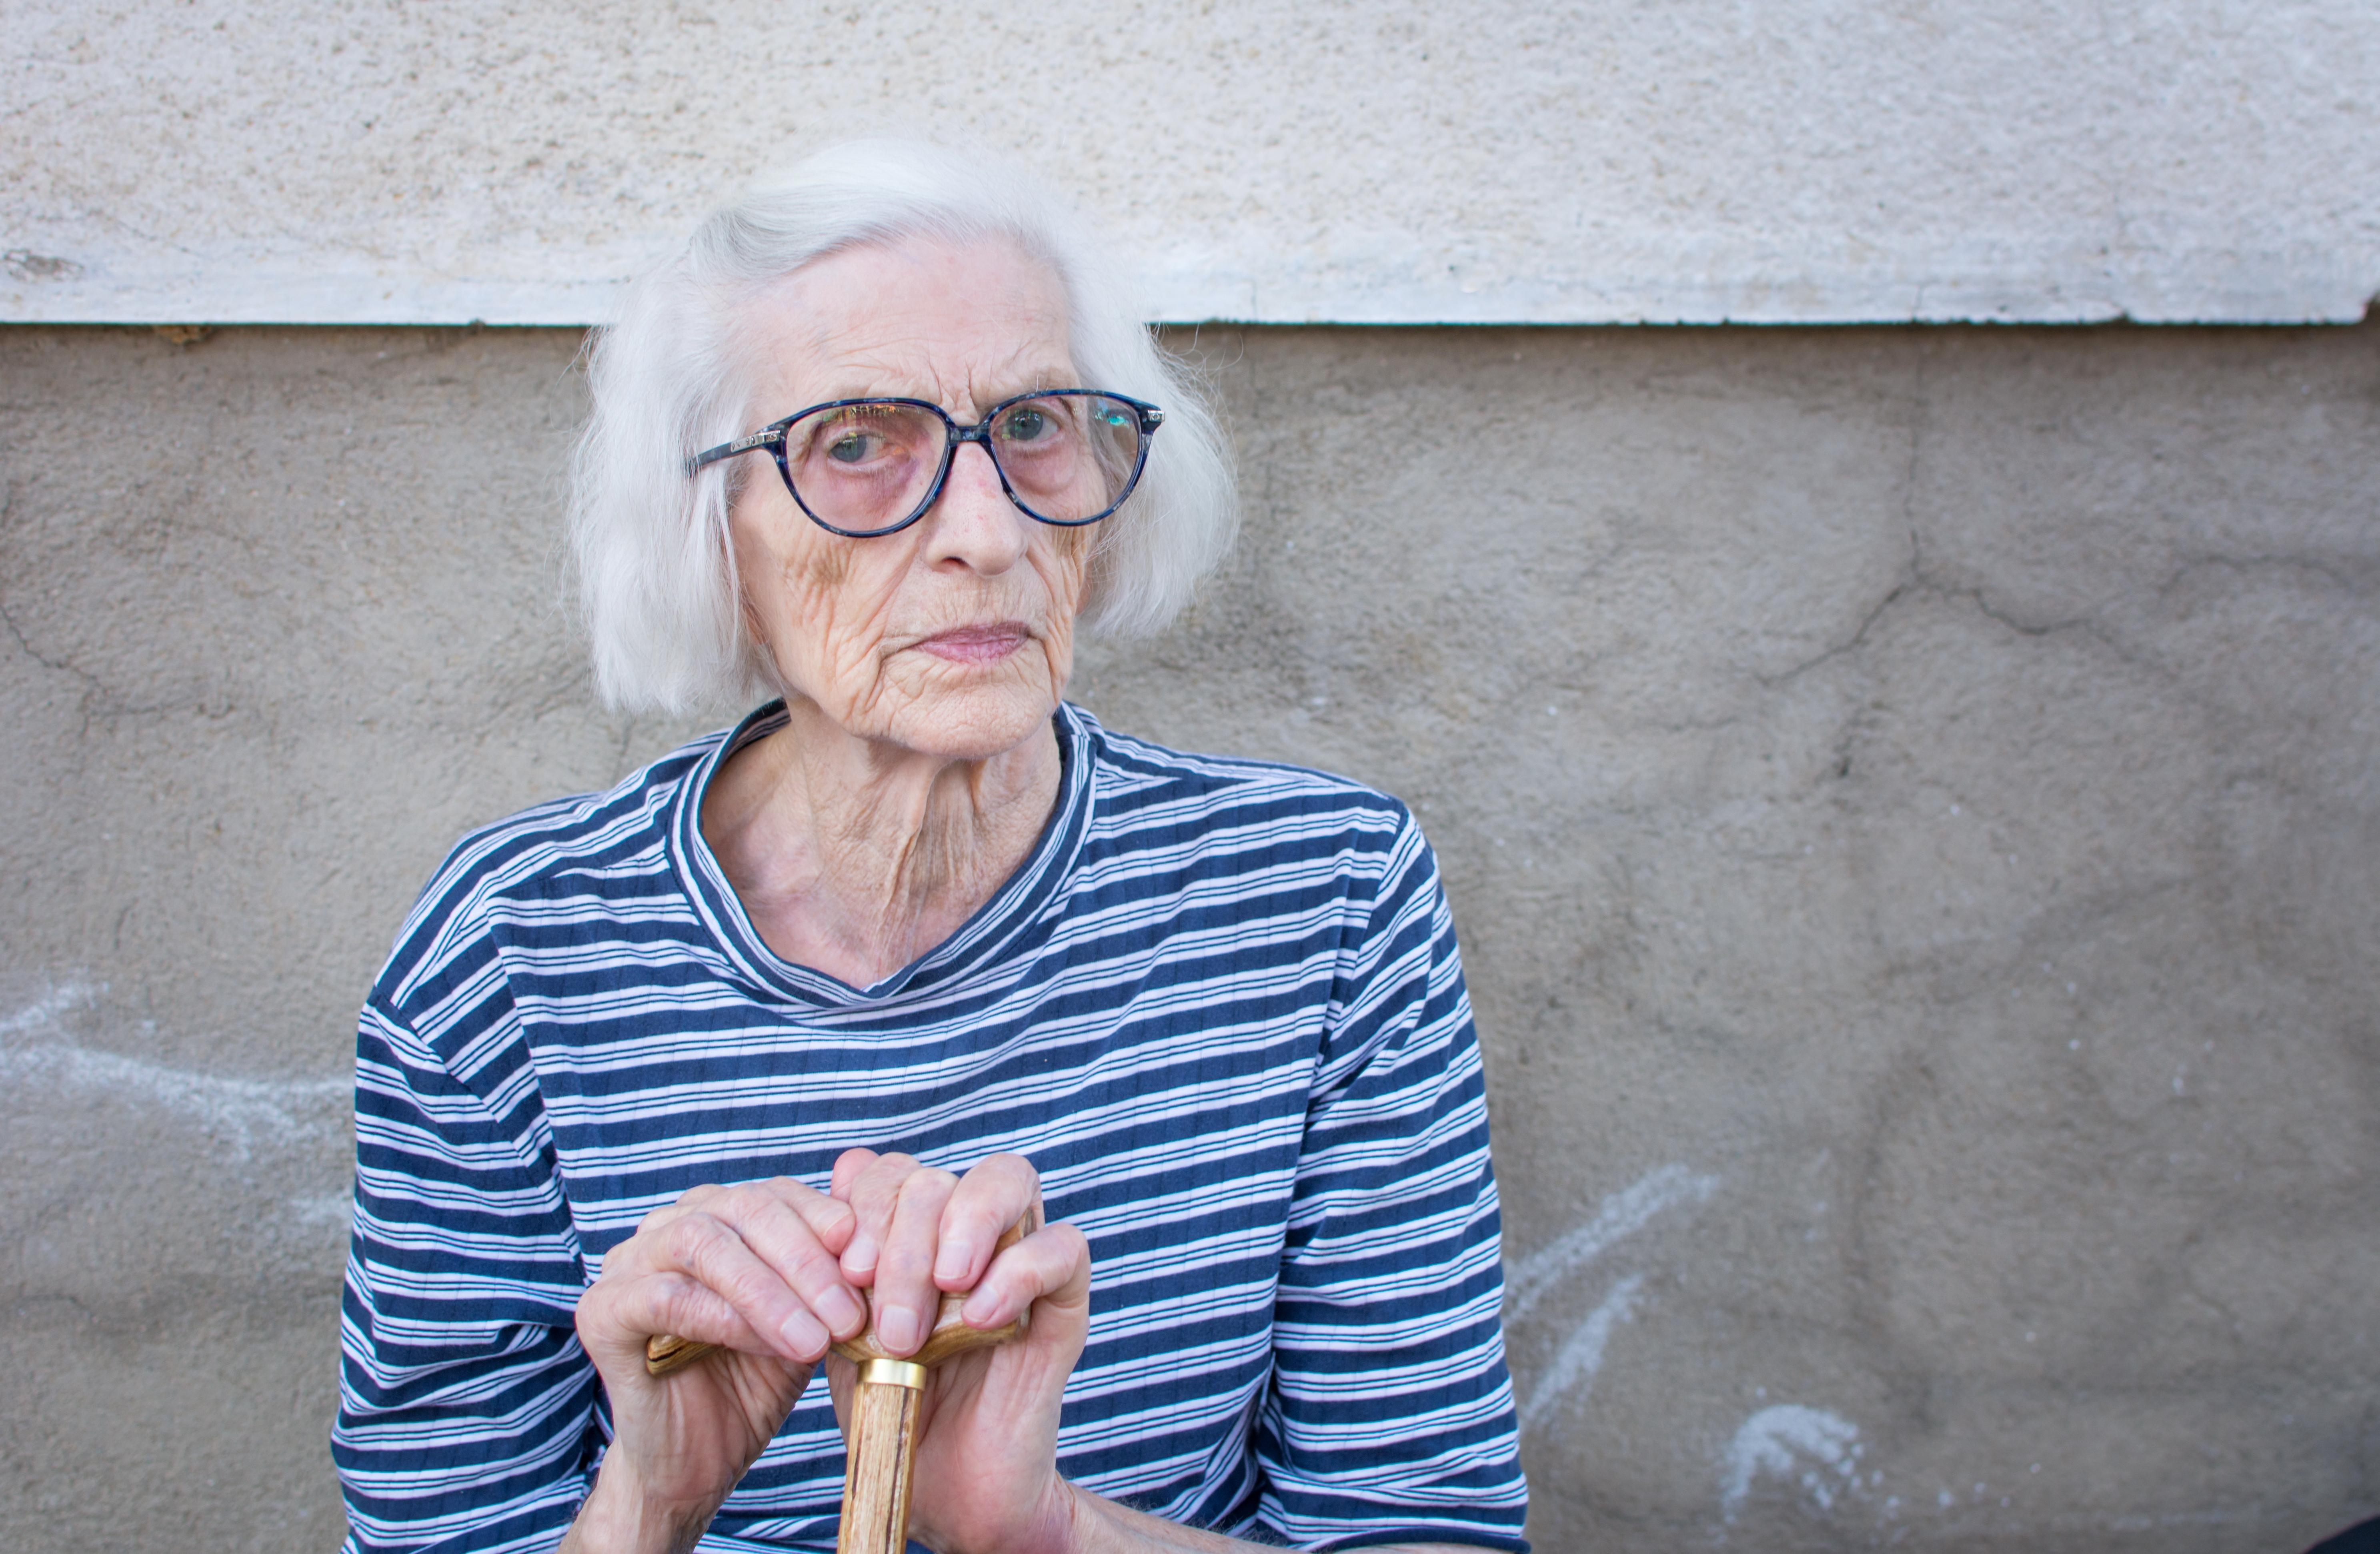 Sarkopeni är främst åldersrelaterad och förekommer framförallt hos personer över 70 år. Sarkopeni kan förebyggas genom träning och rätt kost.